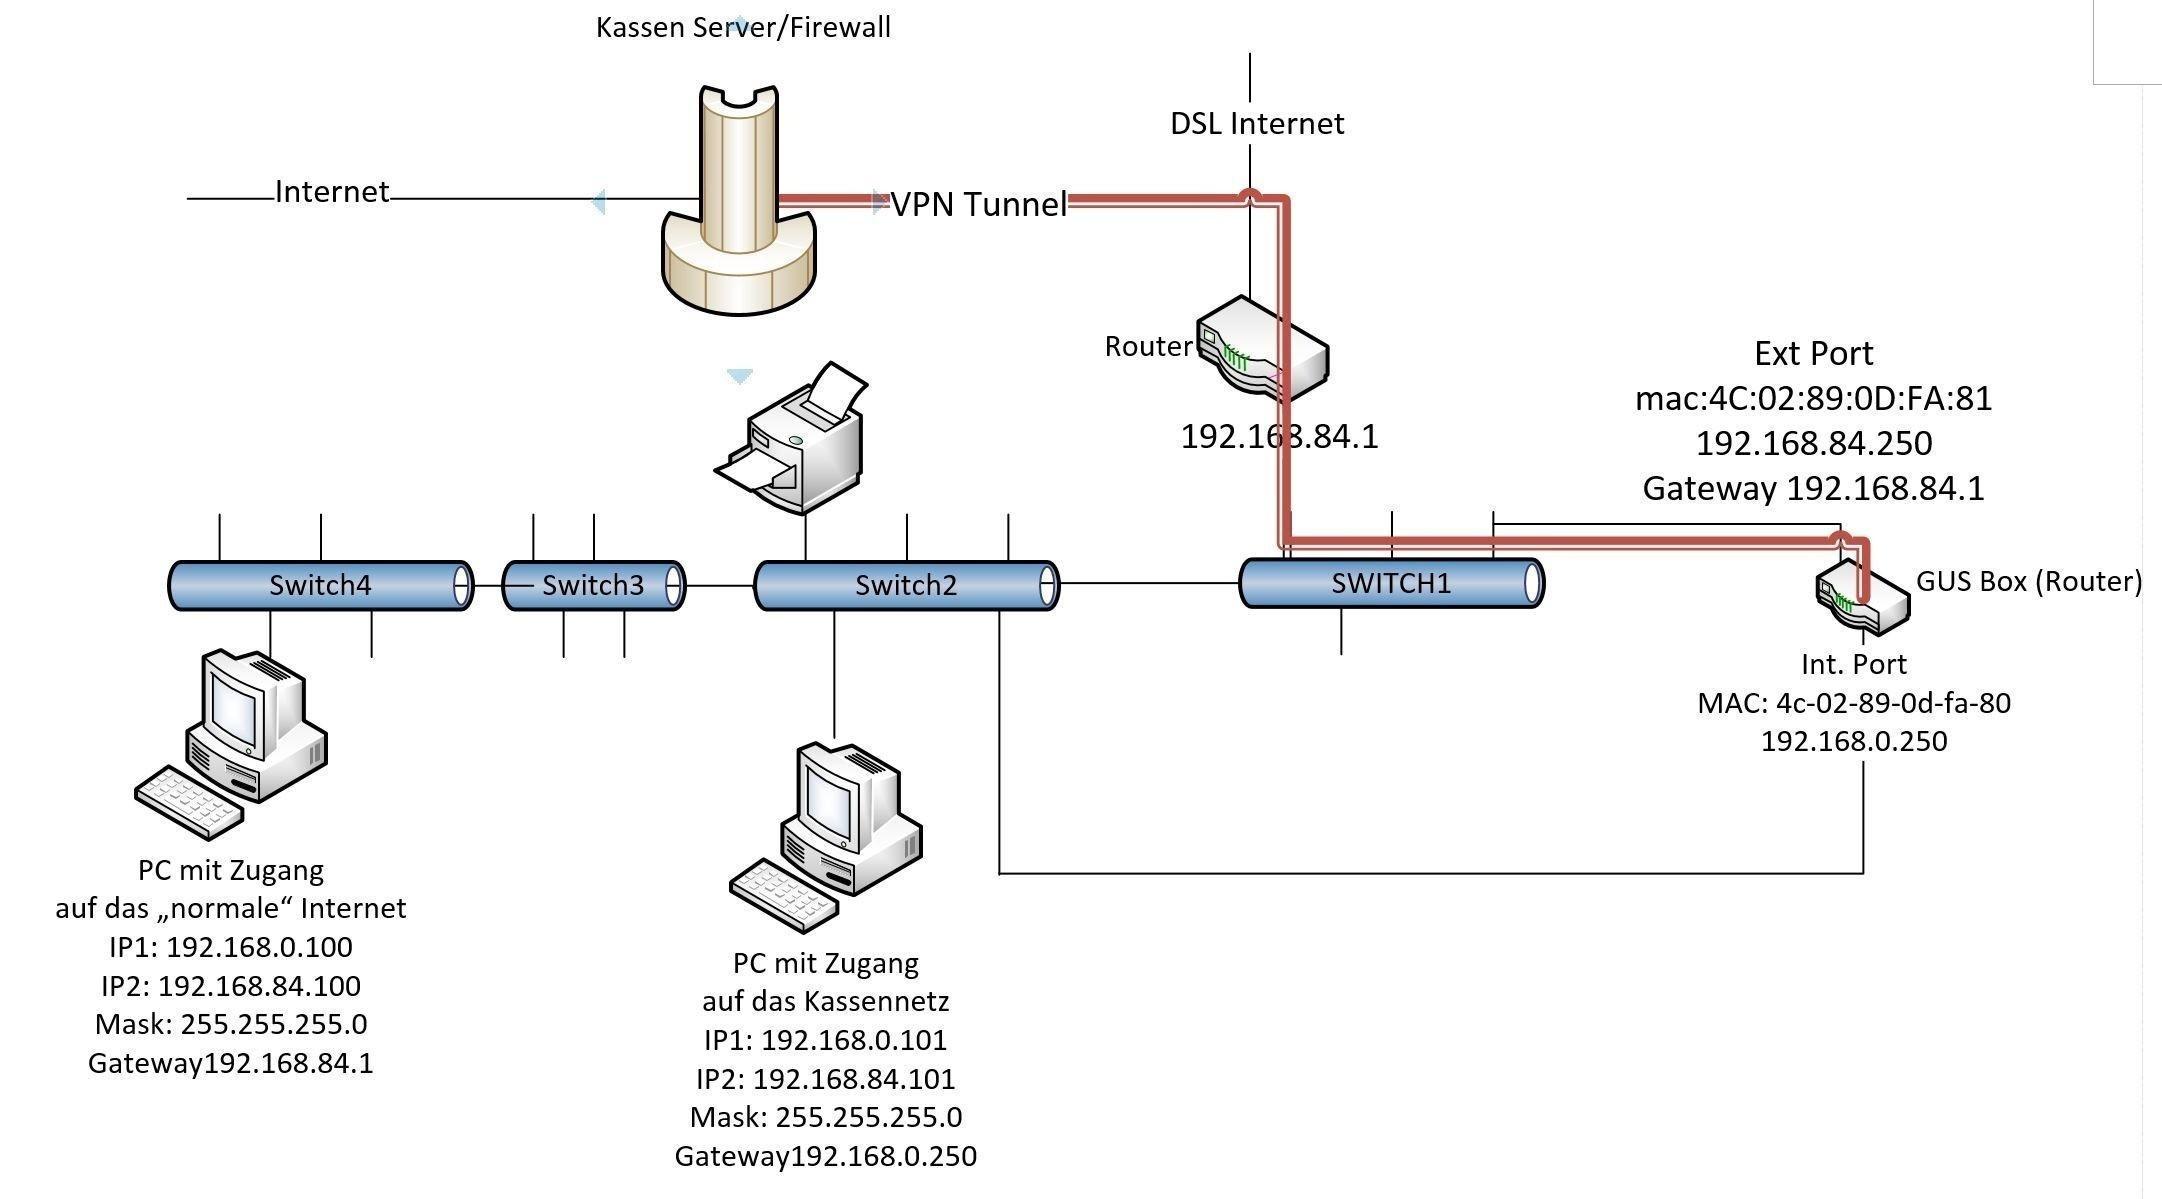 Free Car Wiring Diagrams C11 Pc Wiring Diagram Wiring Diagram General Of Free Car Wiring Diagrams